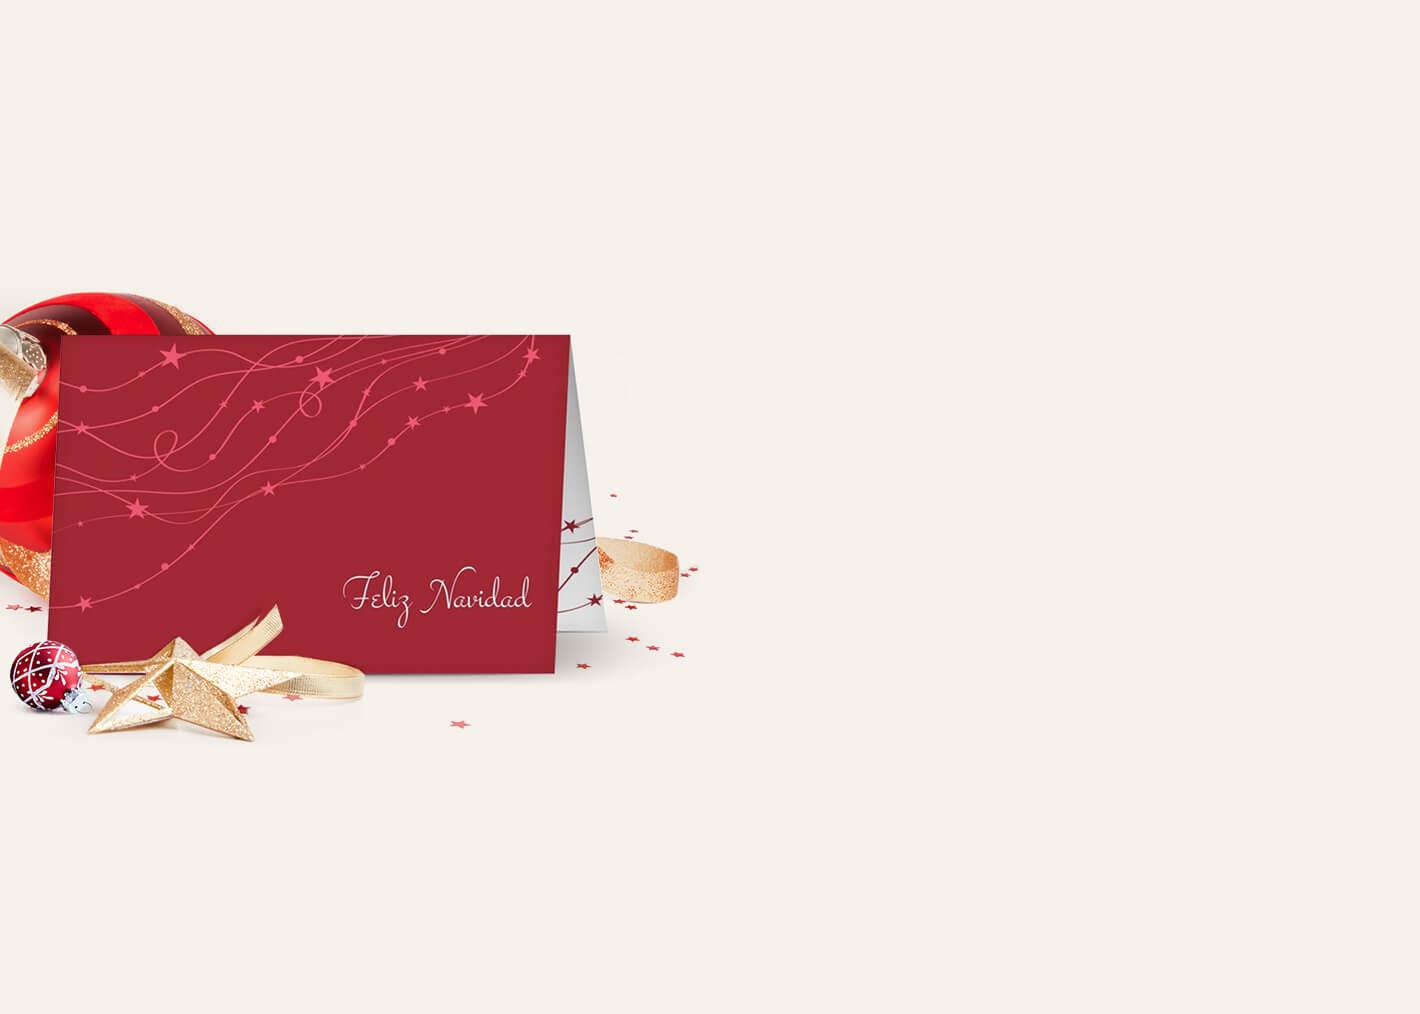 Tarjetas de Navidad para empresas